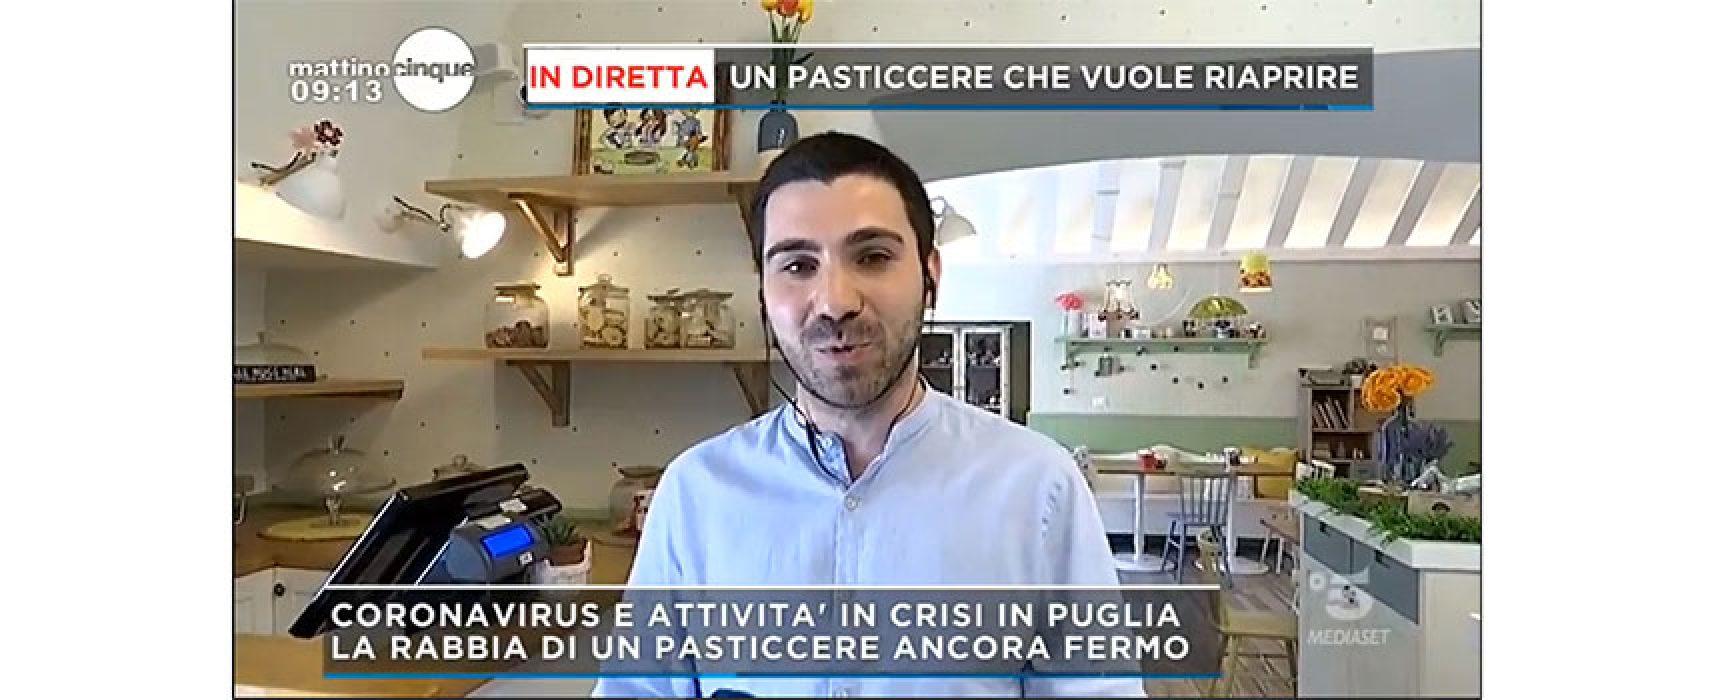 """Pasticcere biscegliese a Mattino Cinque: """"A lavoro per ripartire rispettando disposizioni"""" / VIDEO"""